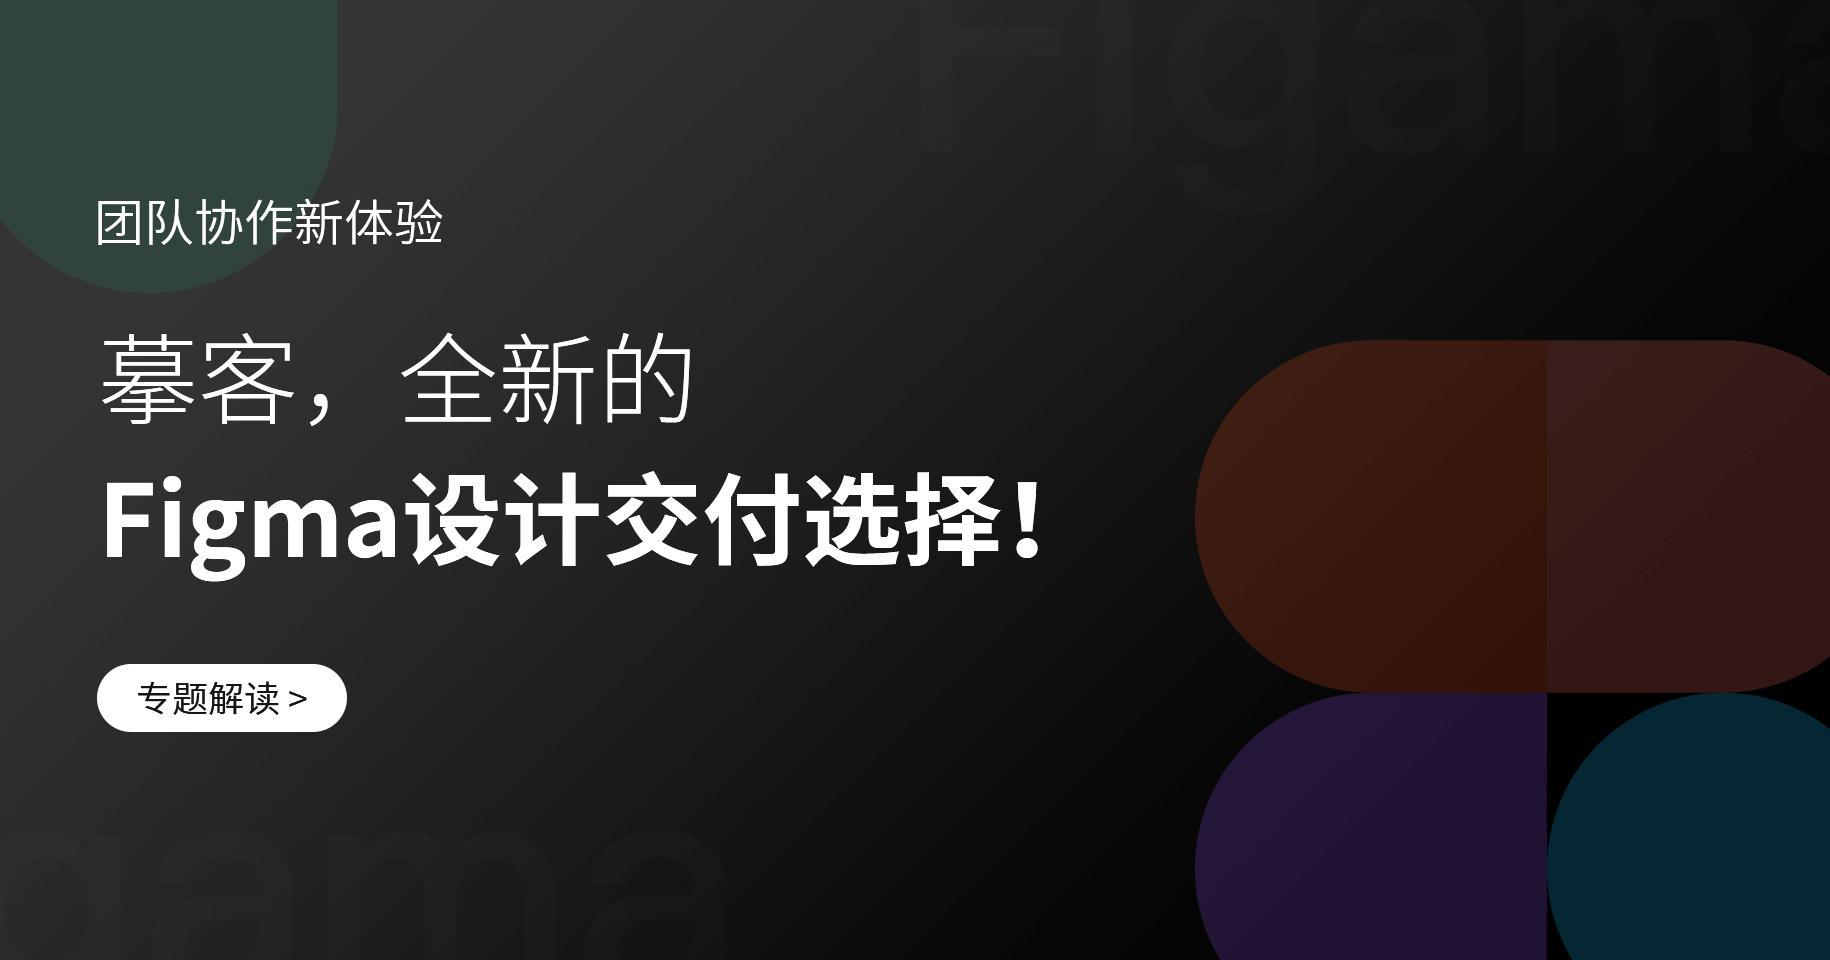 摹客,全新的Figma设计交付选择!